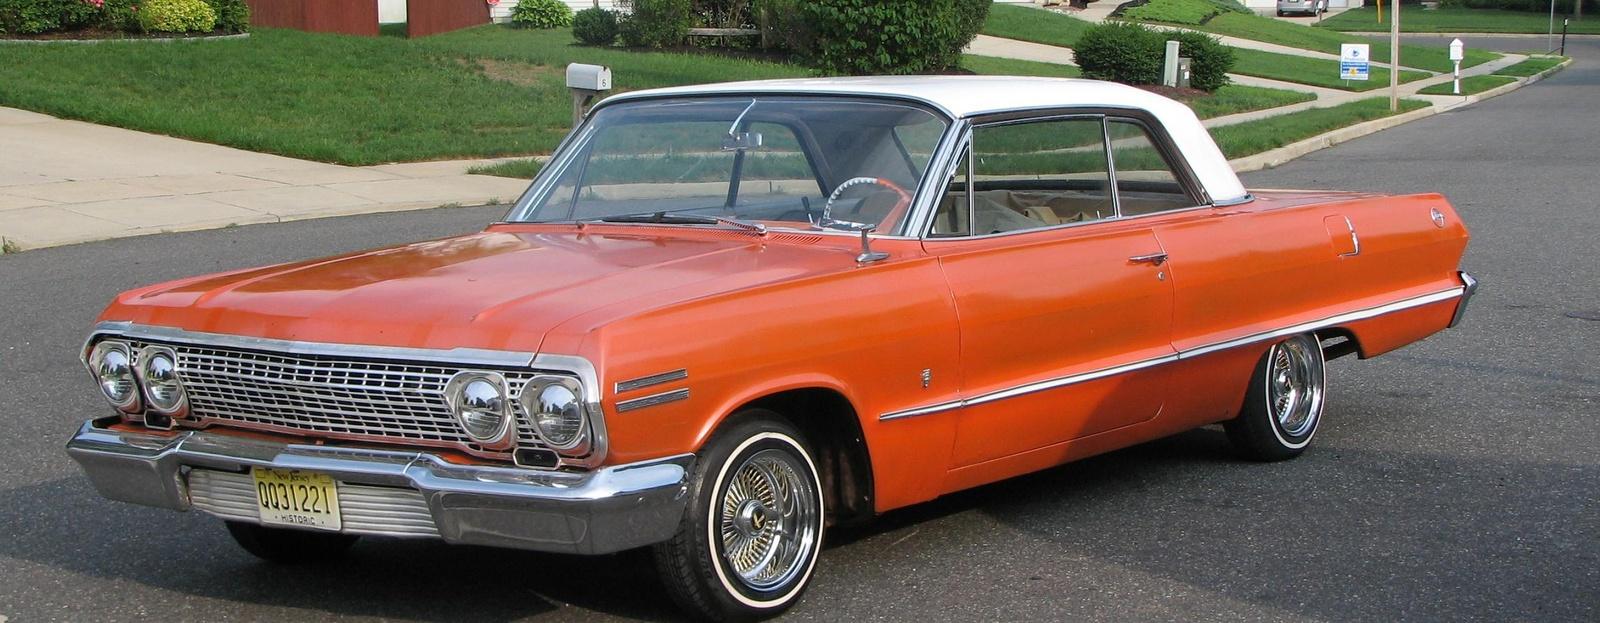 1963 Chevrolet Impala Pictures Cargurus